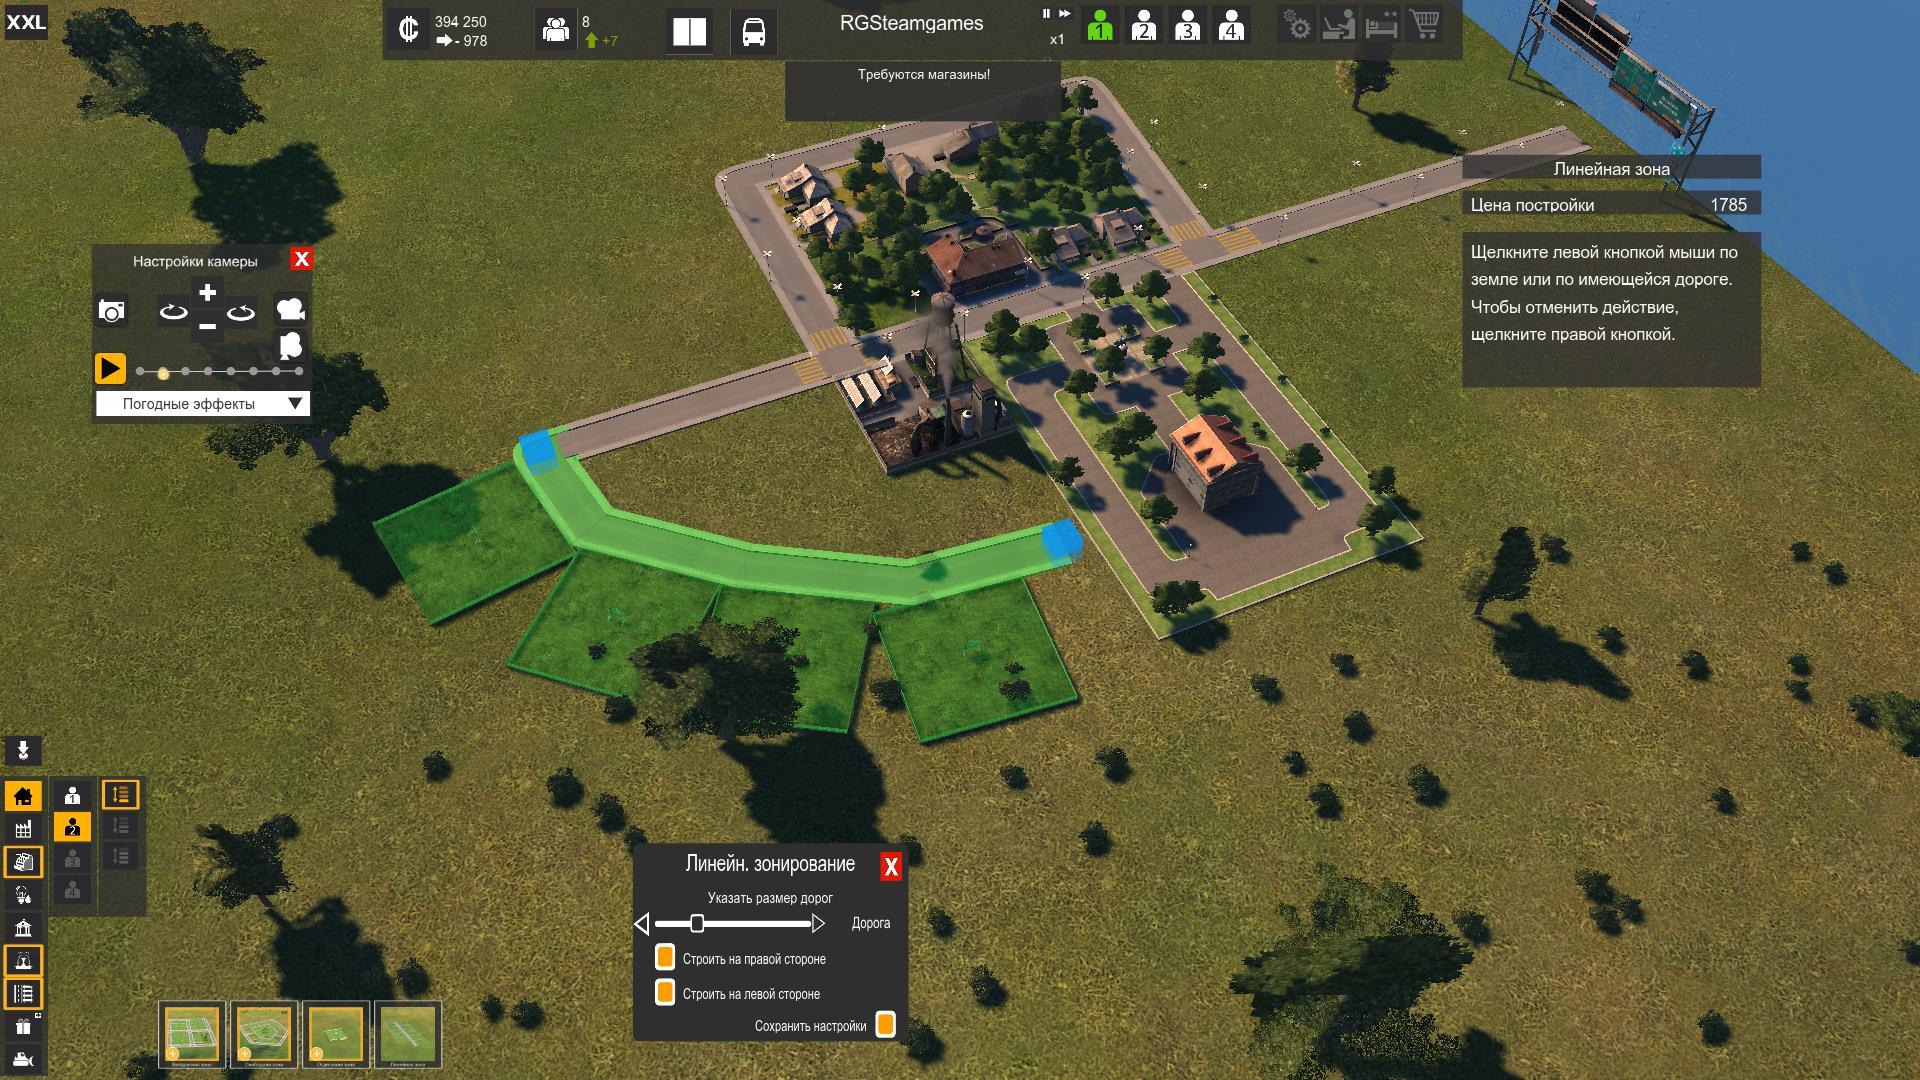 Скачать игры через торрент градостроительные симуляторы.